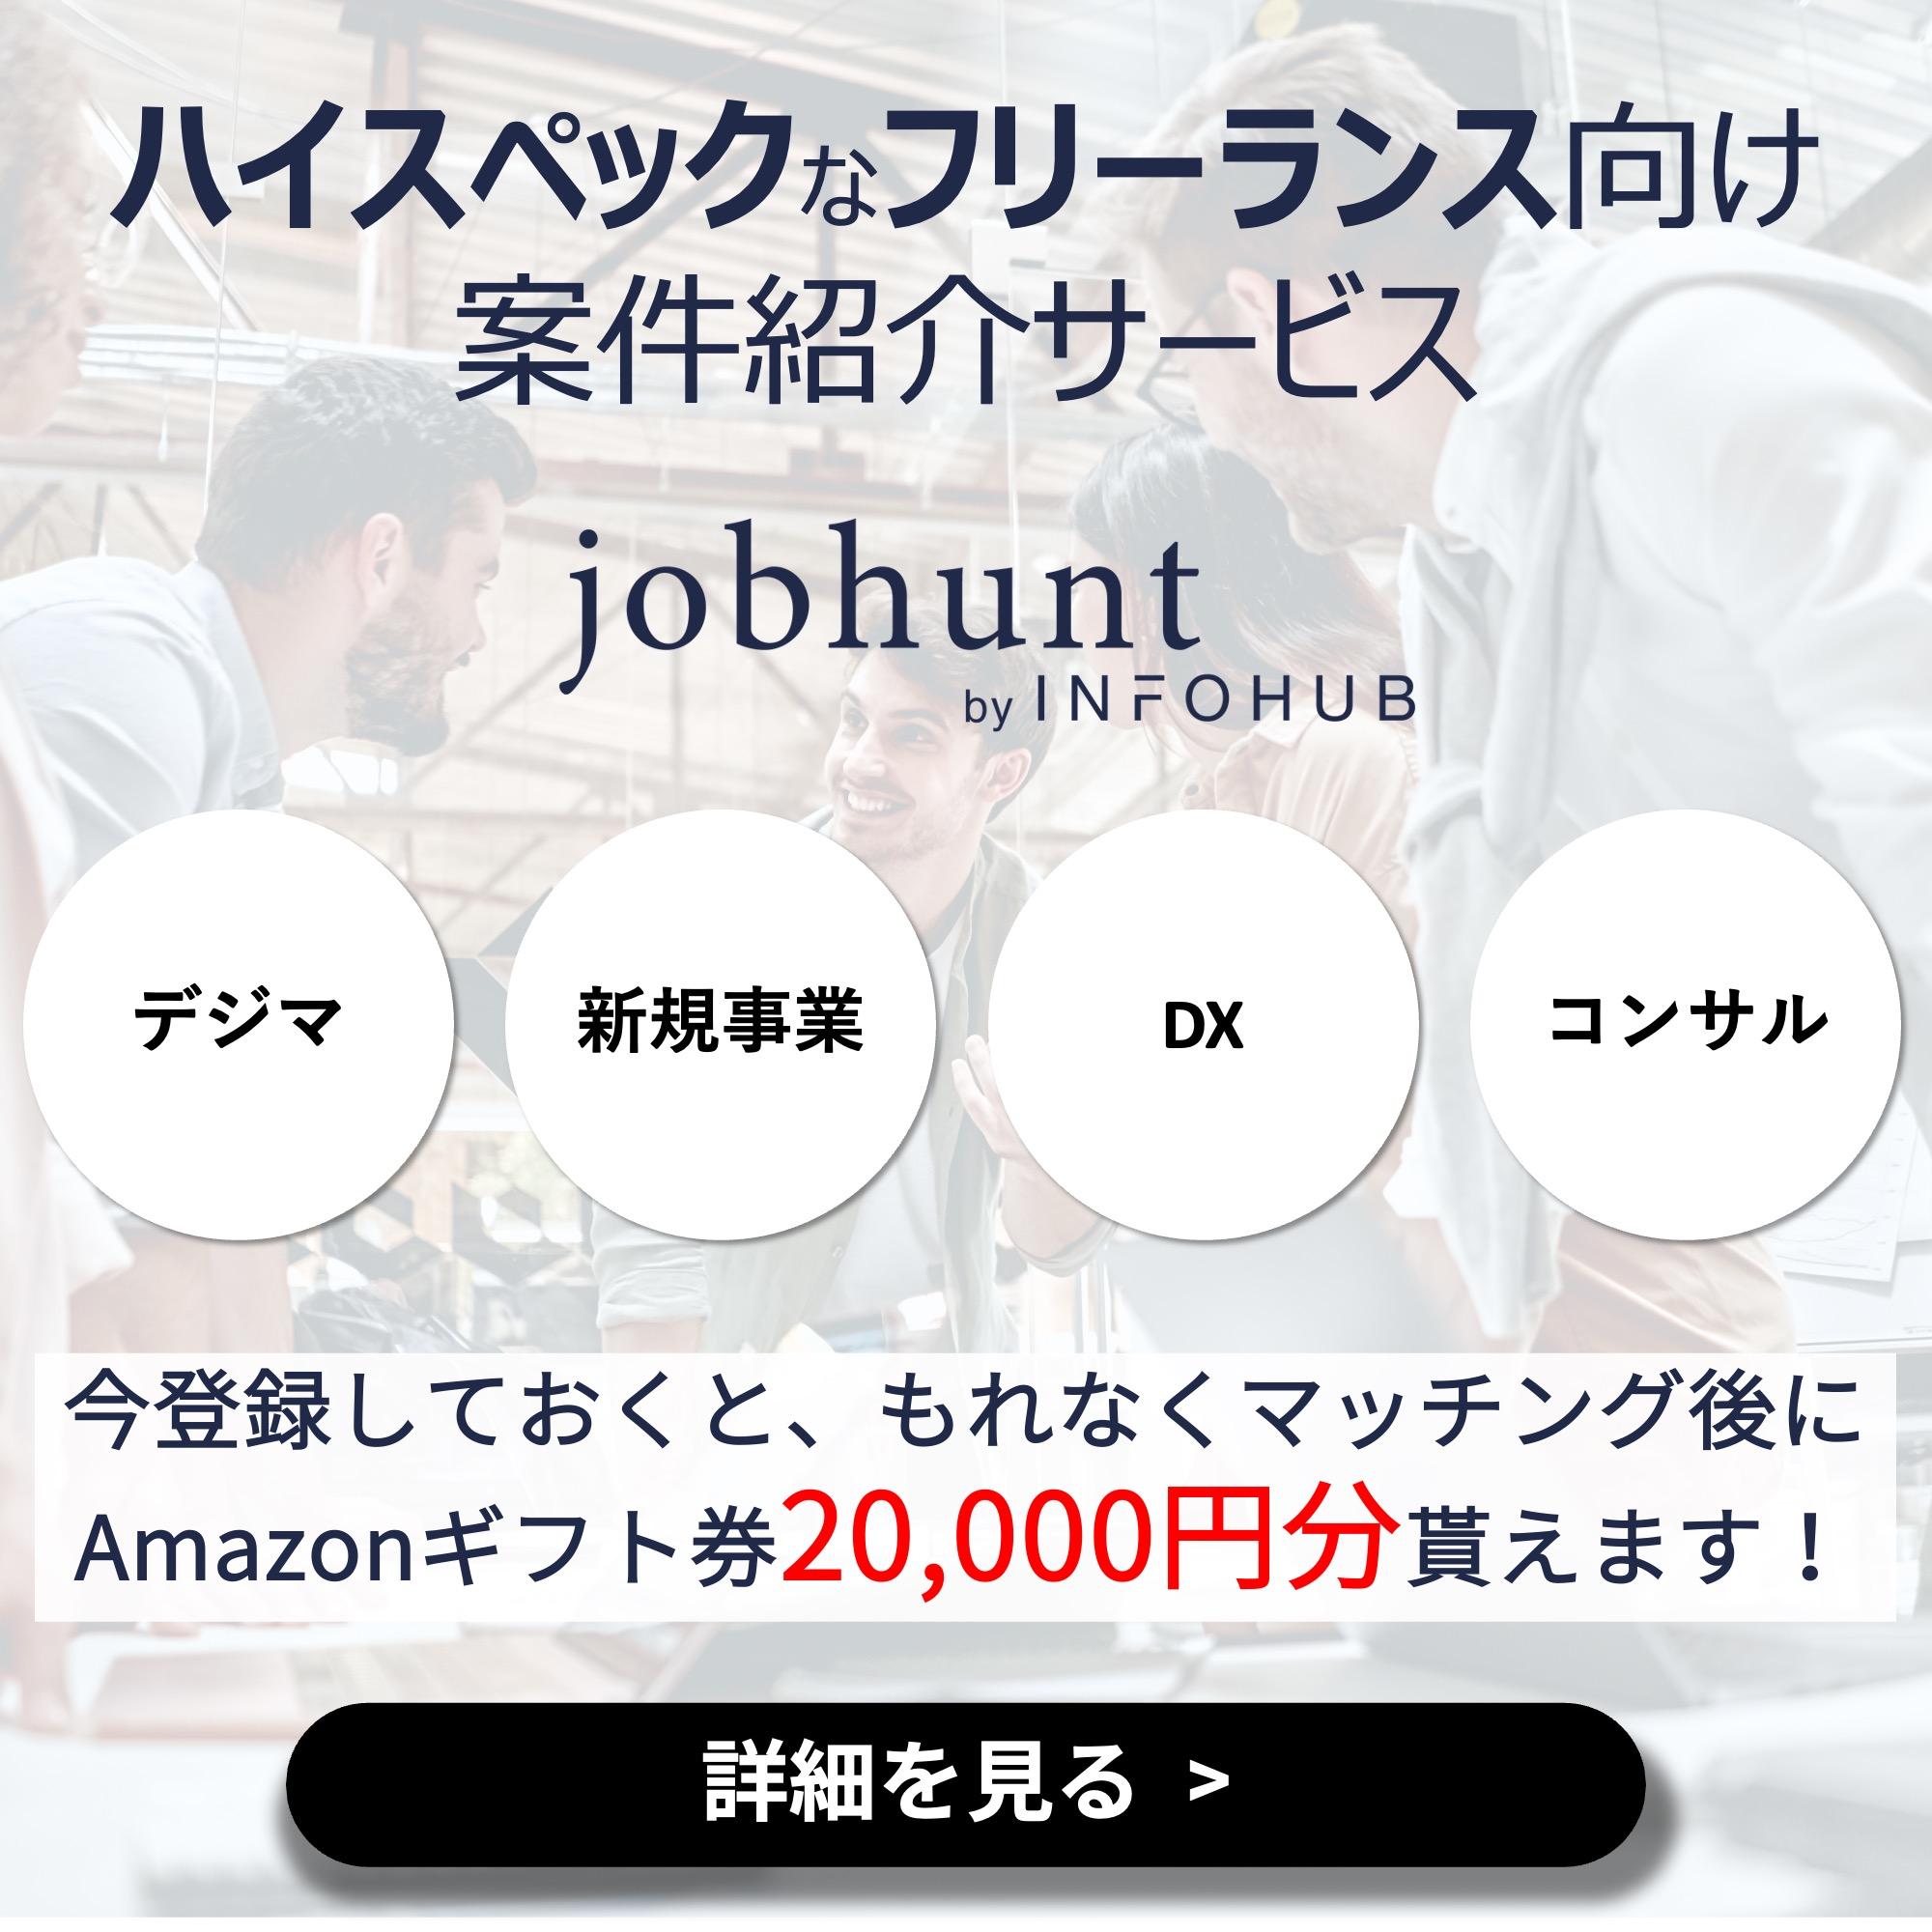 フリーランス案件紹介サービスjobhunt